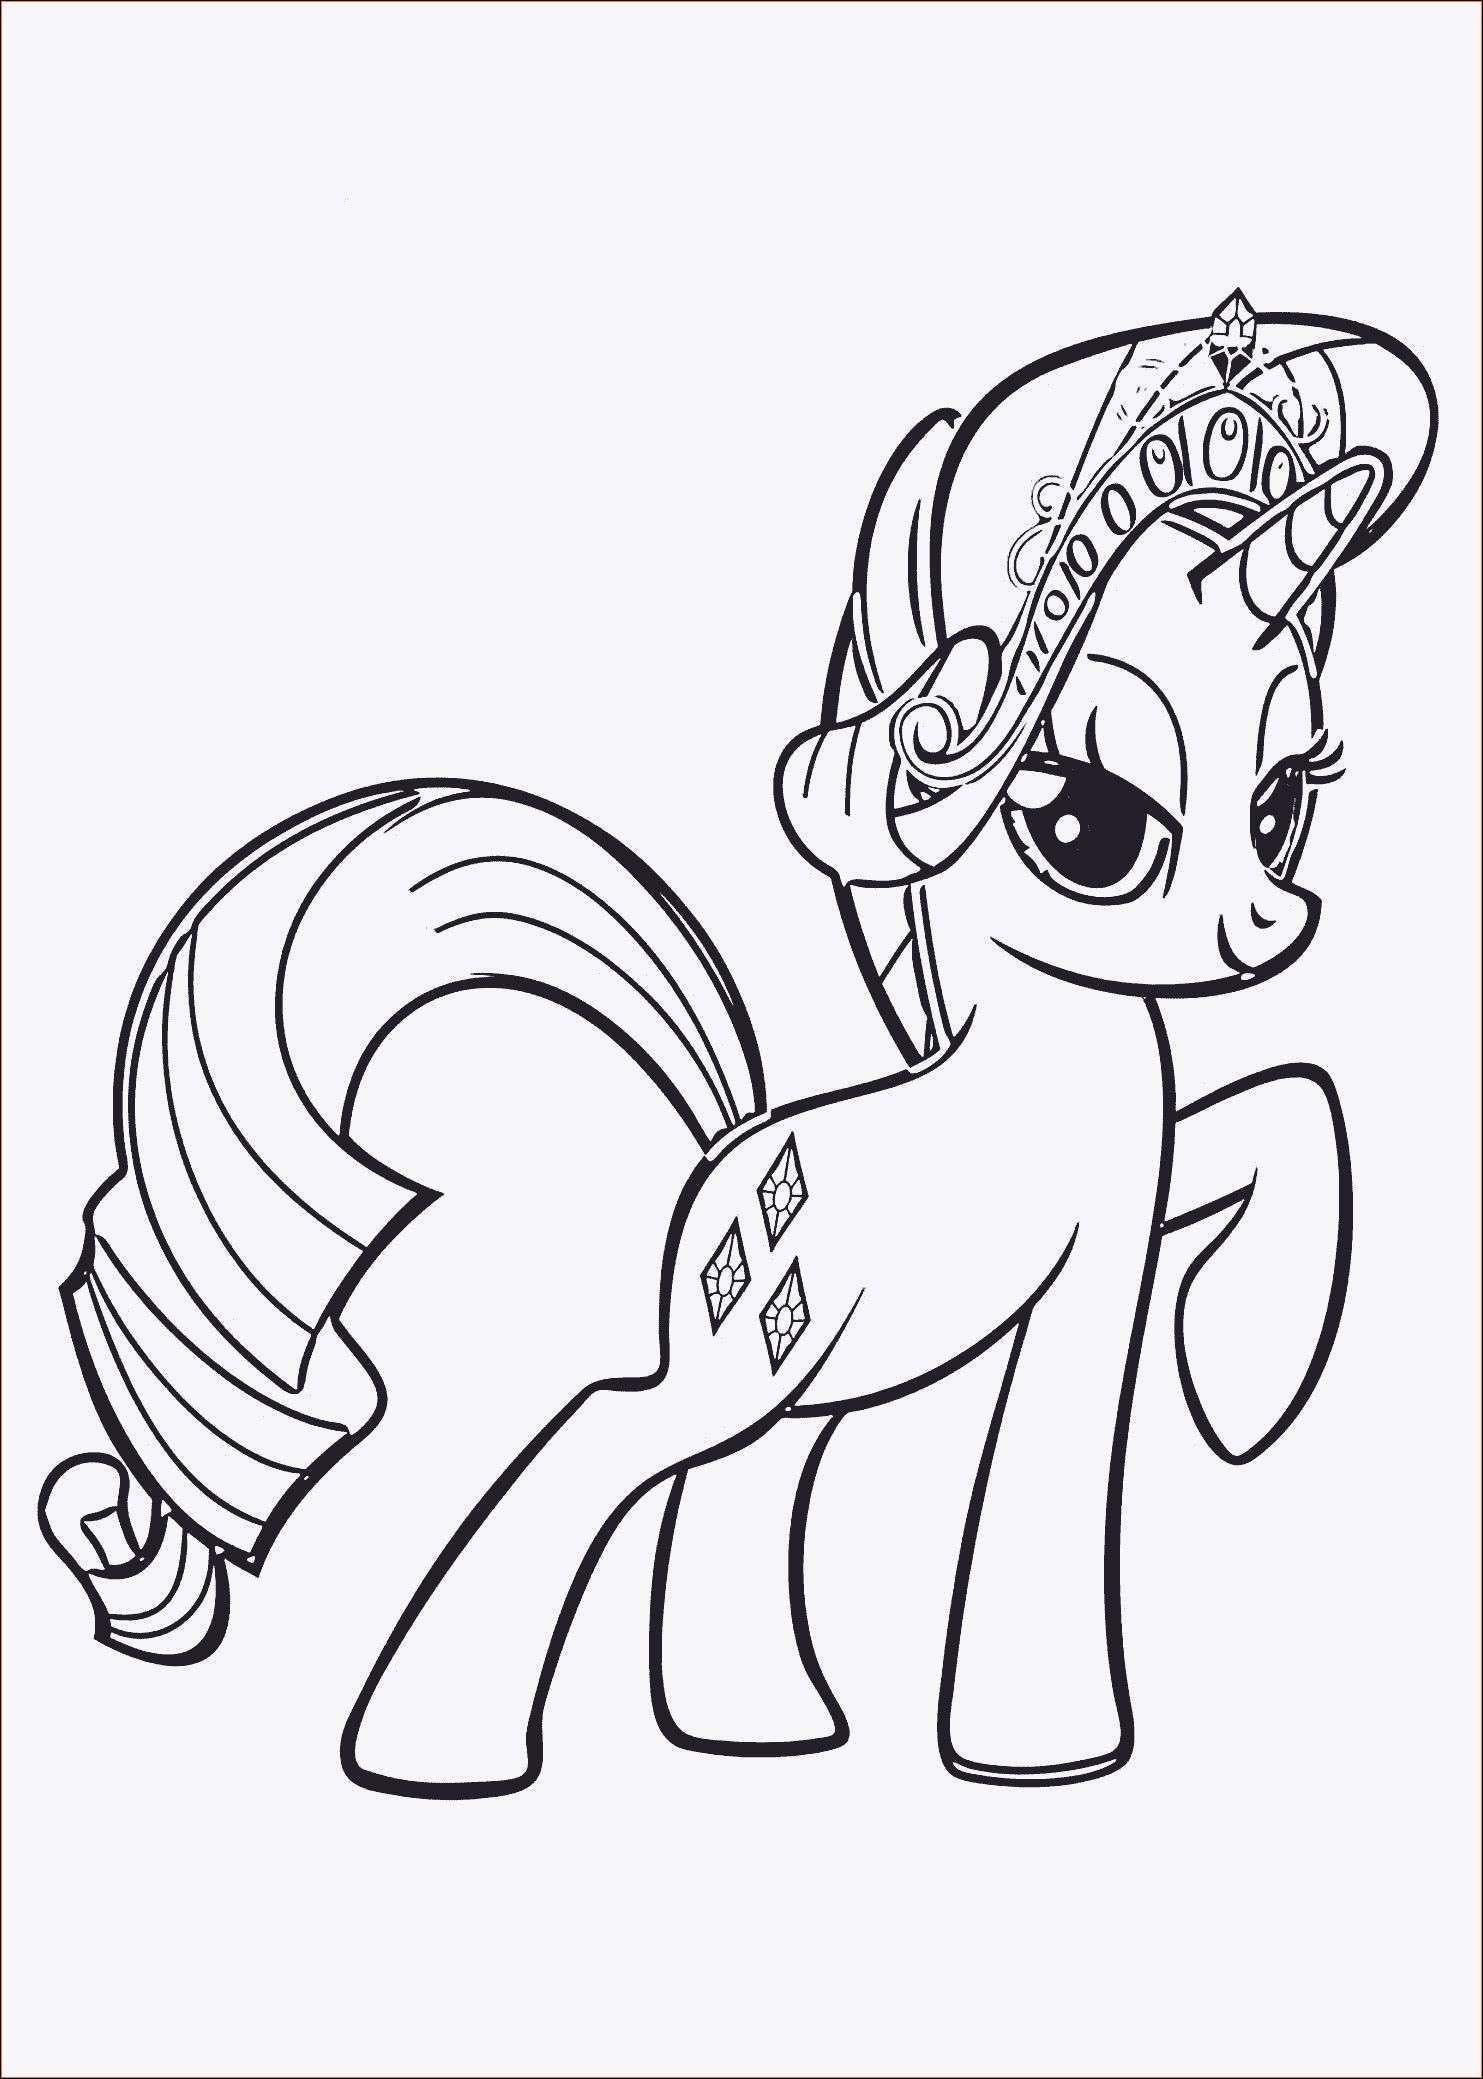 Ausmalbilder My Little Pony Equestria Inspirierend Beispielbilder Färben Ausmalbilder My Little Pony Frisch Galerie